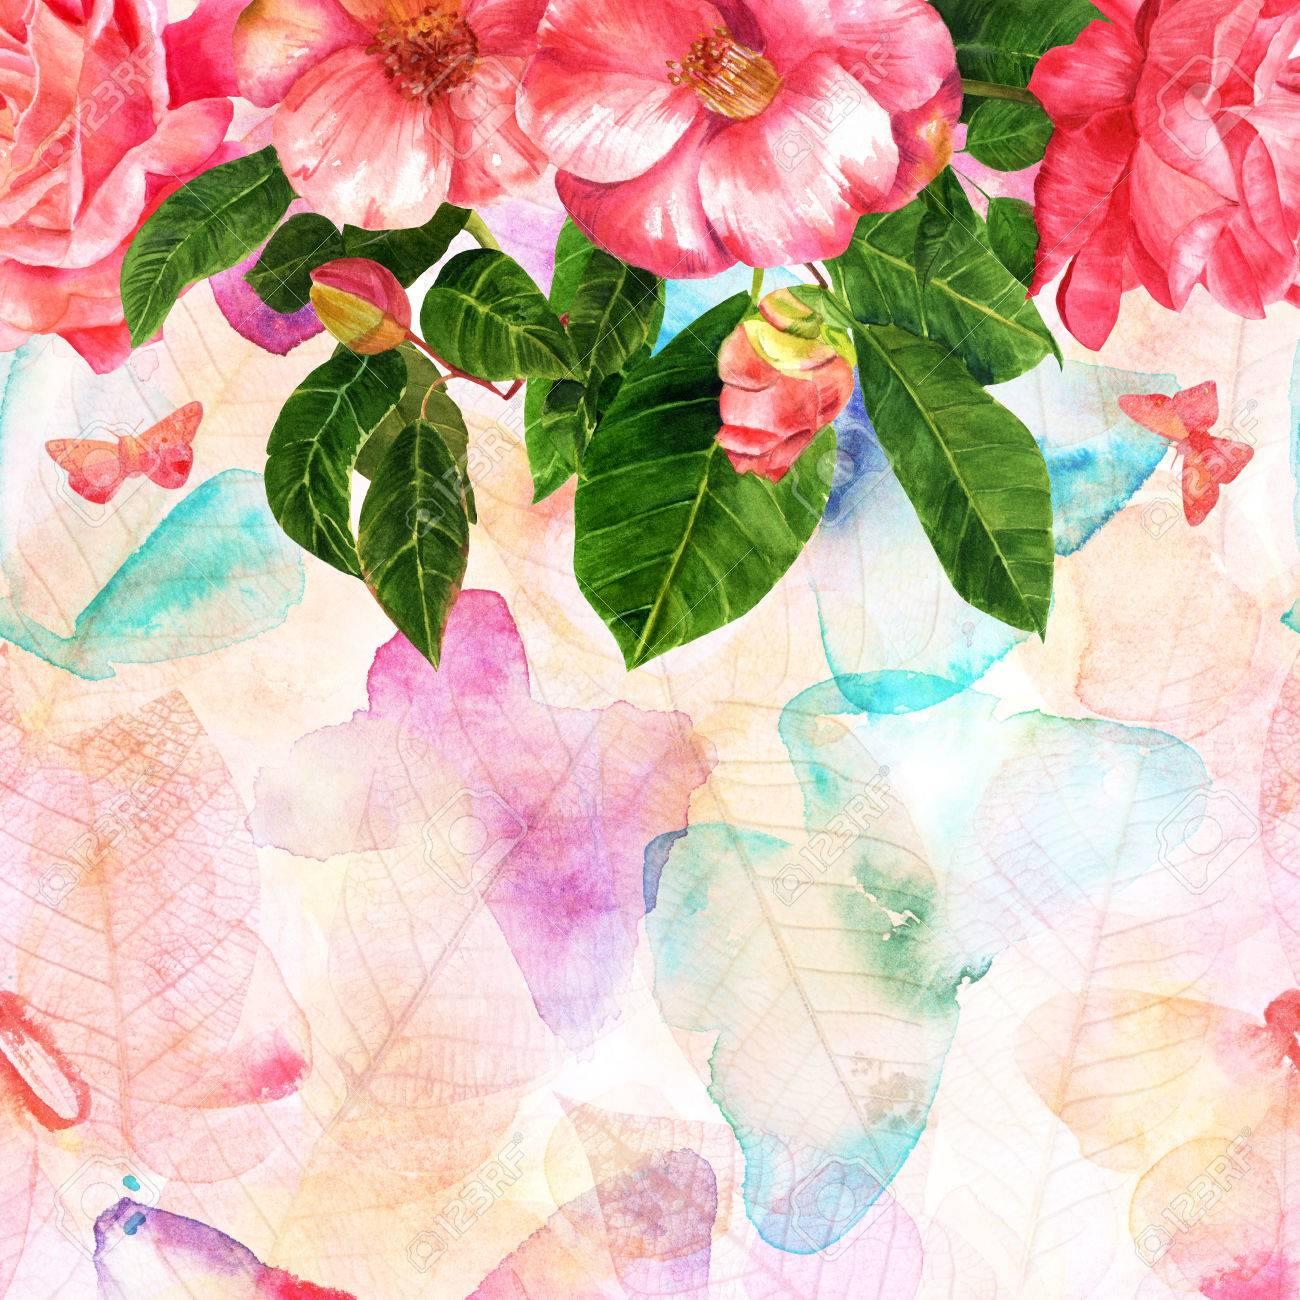 柔らかいピンクのバラ椿フリーハンド蝶やスケルトンの葉でパステルの